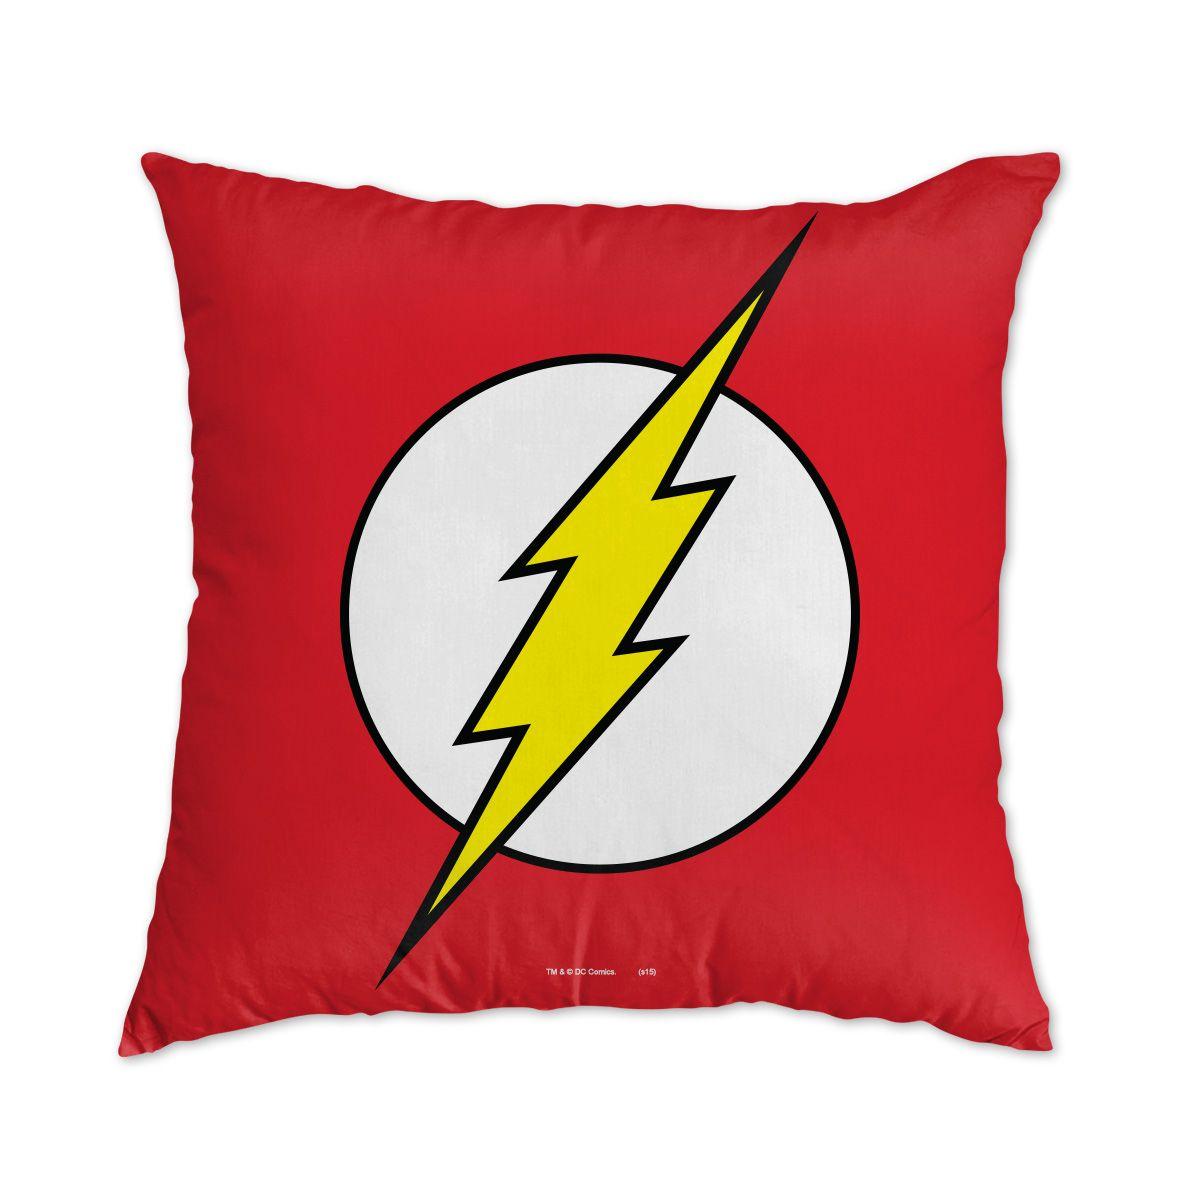 6f7f1a1c69959c Almofada The Flash Logo | costura y crochet | Almofadas, Almofadas ...